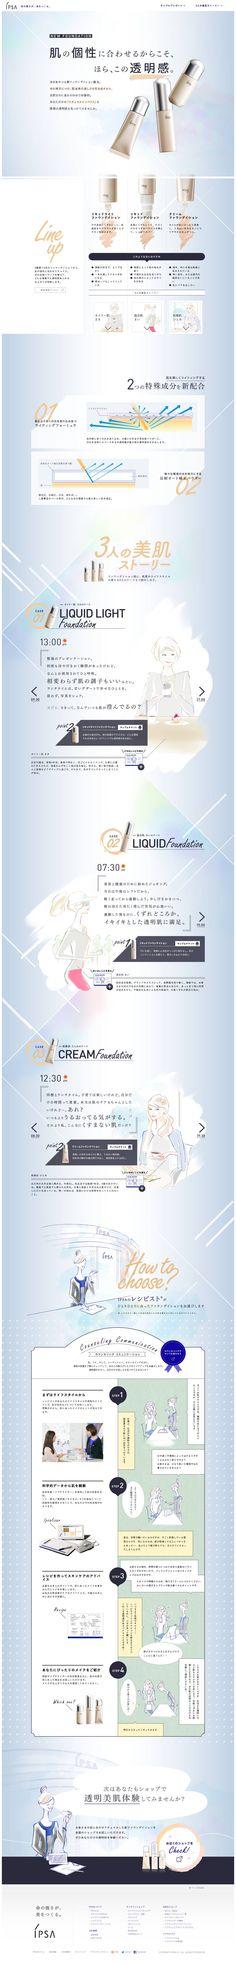 http://www.ipsa.co.jp/fd1501/